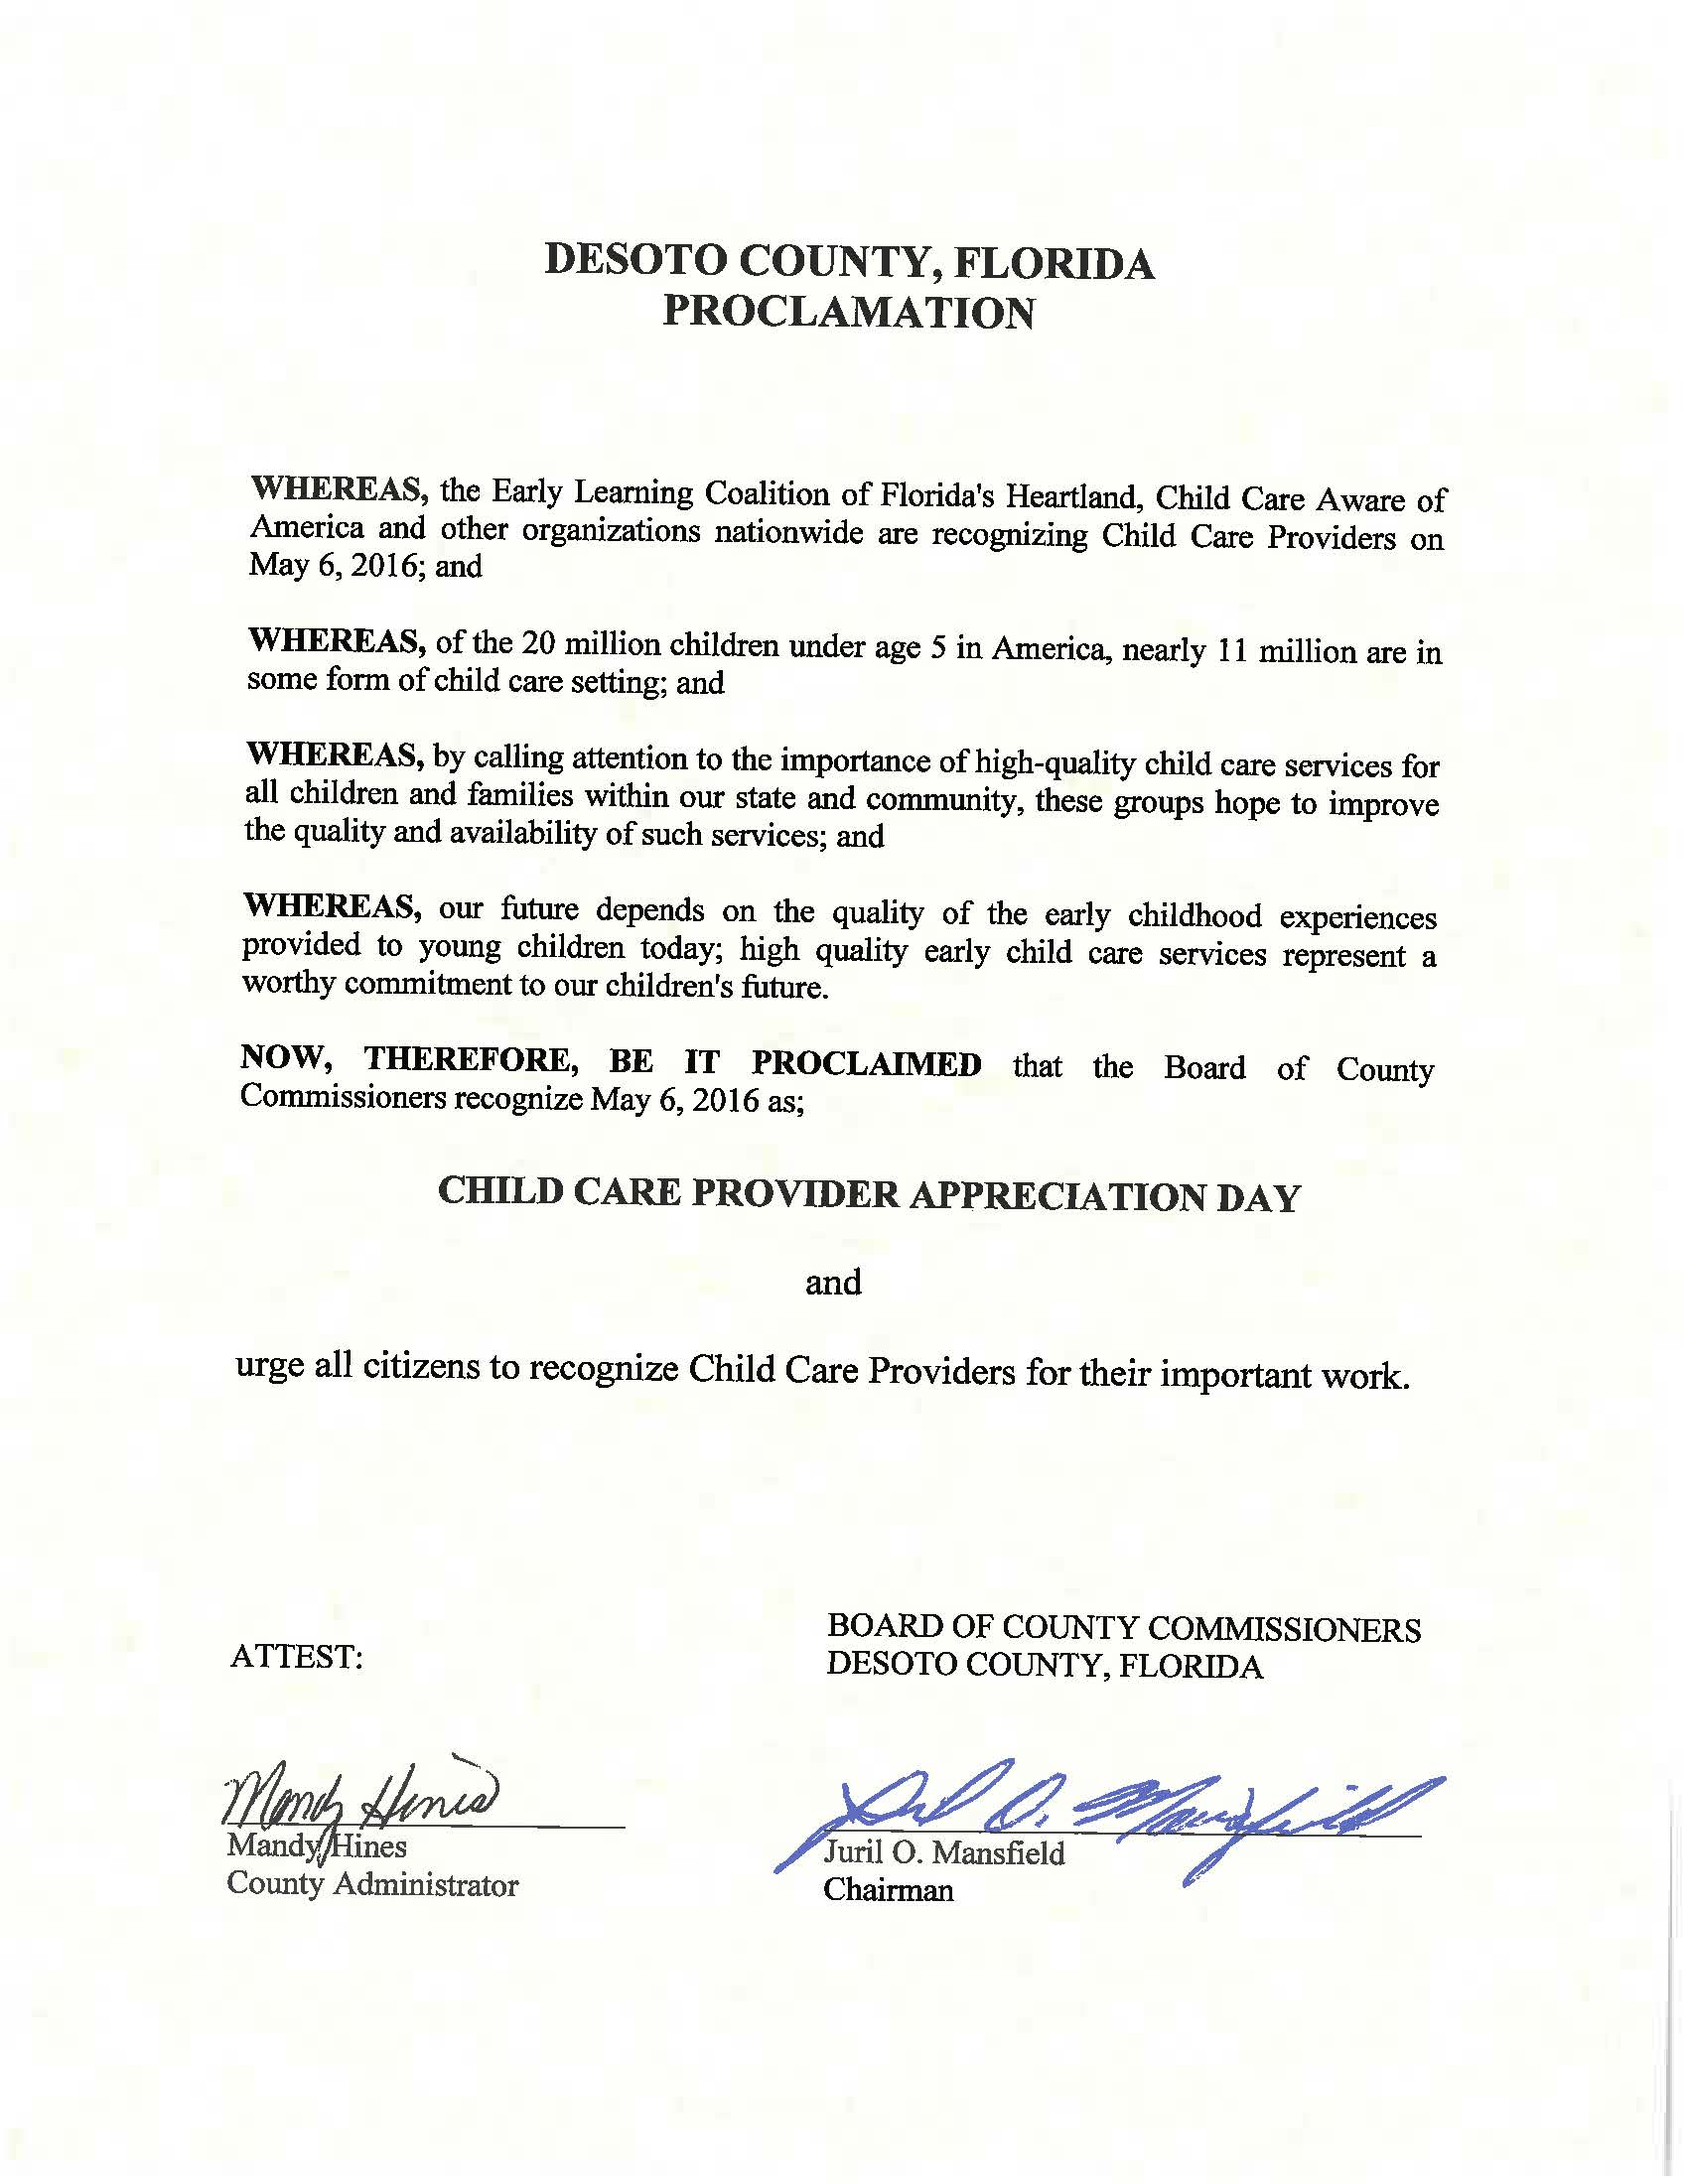 Child Care Provider Appreciation Day Proclamation